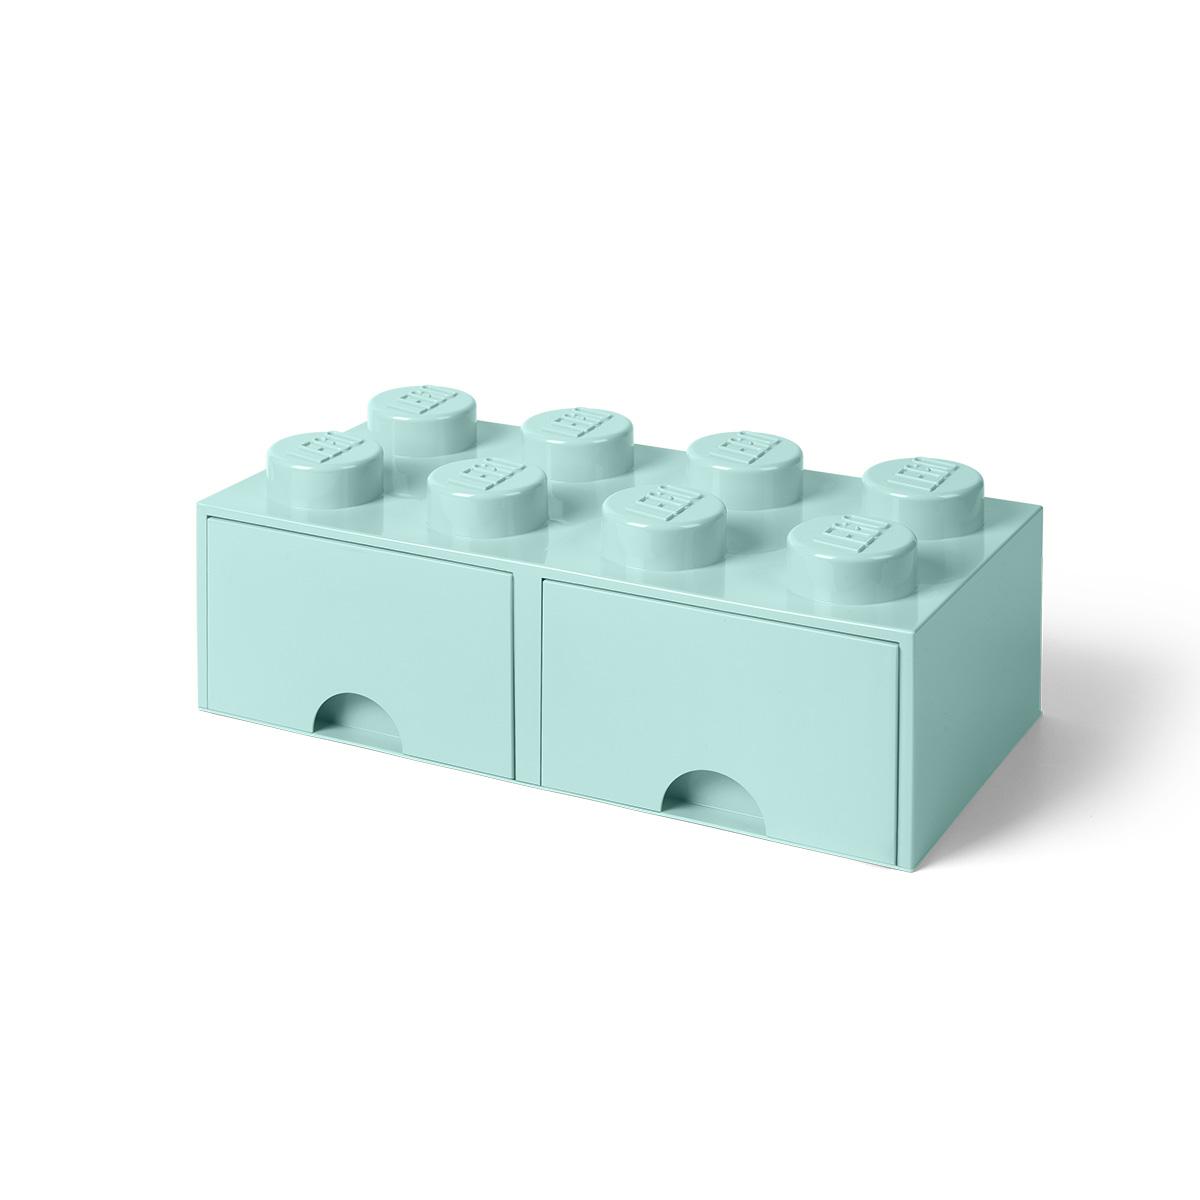 LEGO opbevaringskasse med 2 skuffer - Turkis